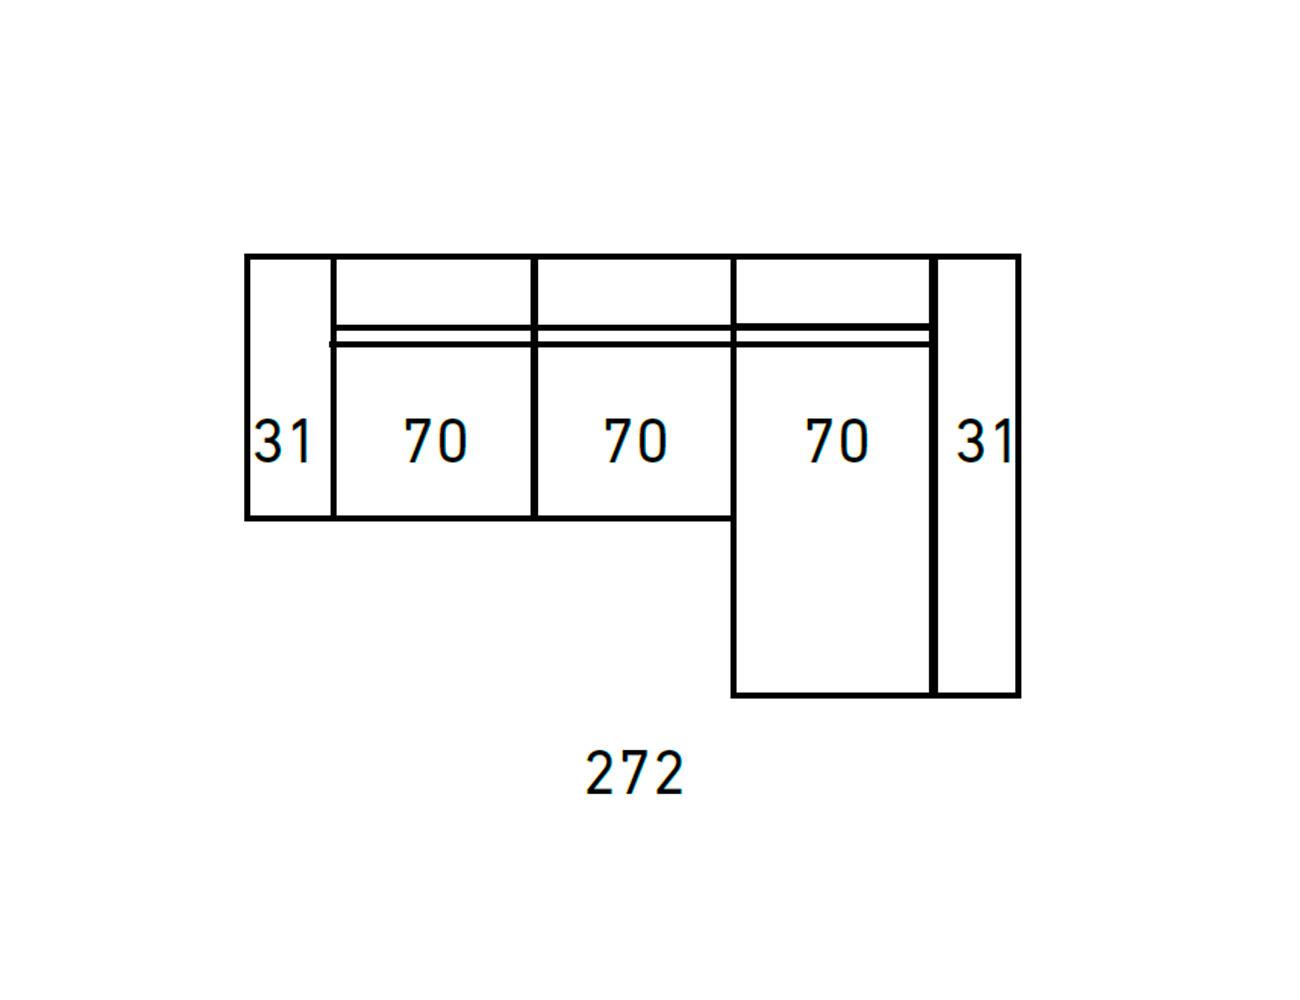 Croquis 272 ch9